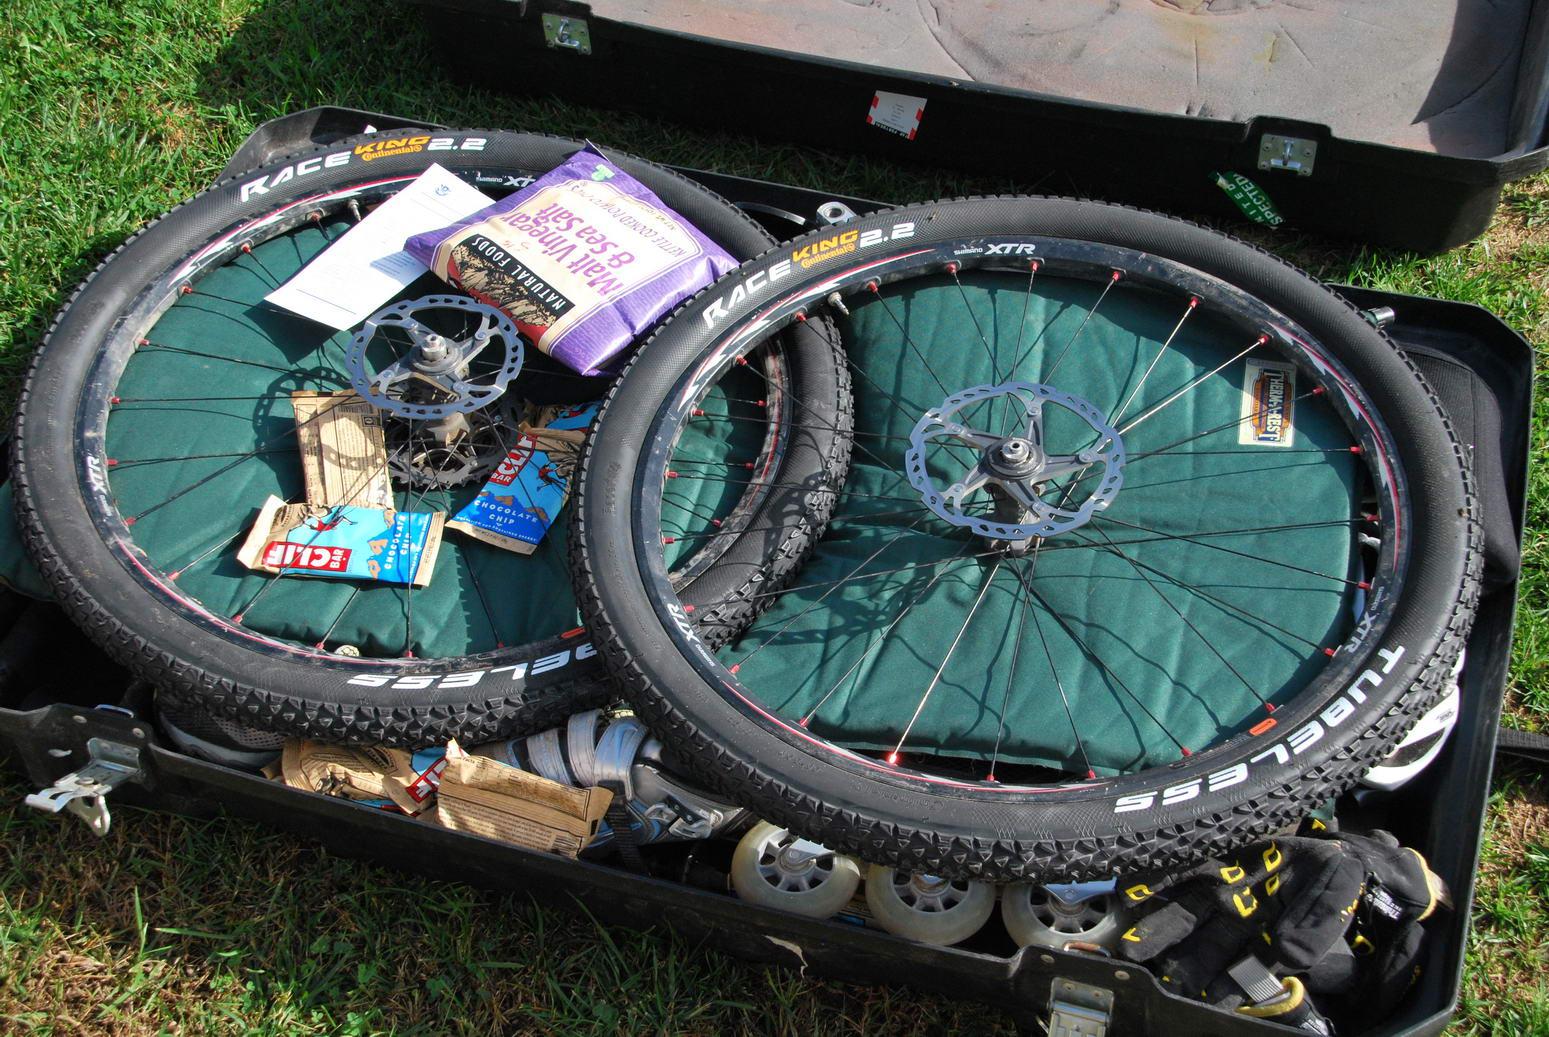 Wheels in bike box (Portugal ARWC 2009)